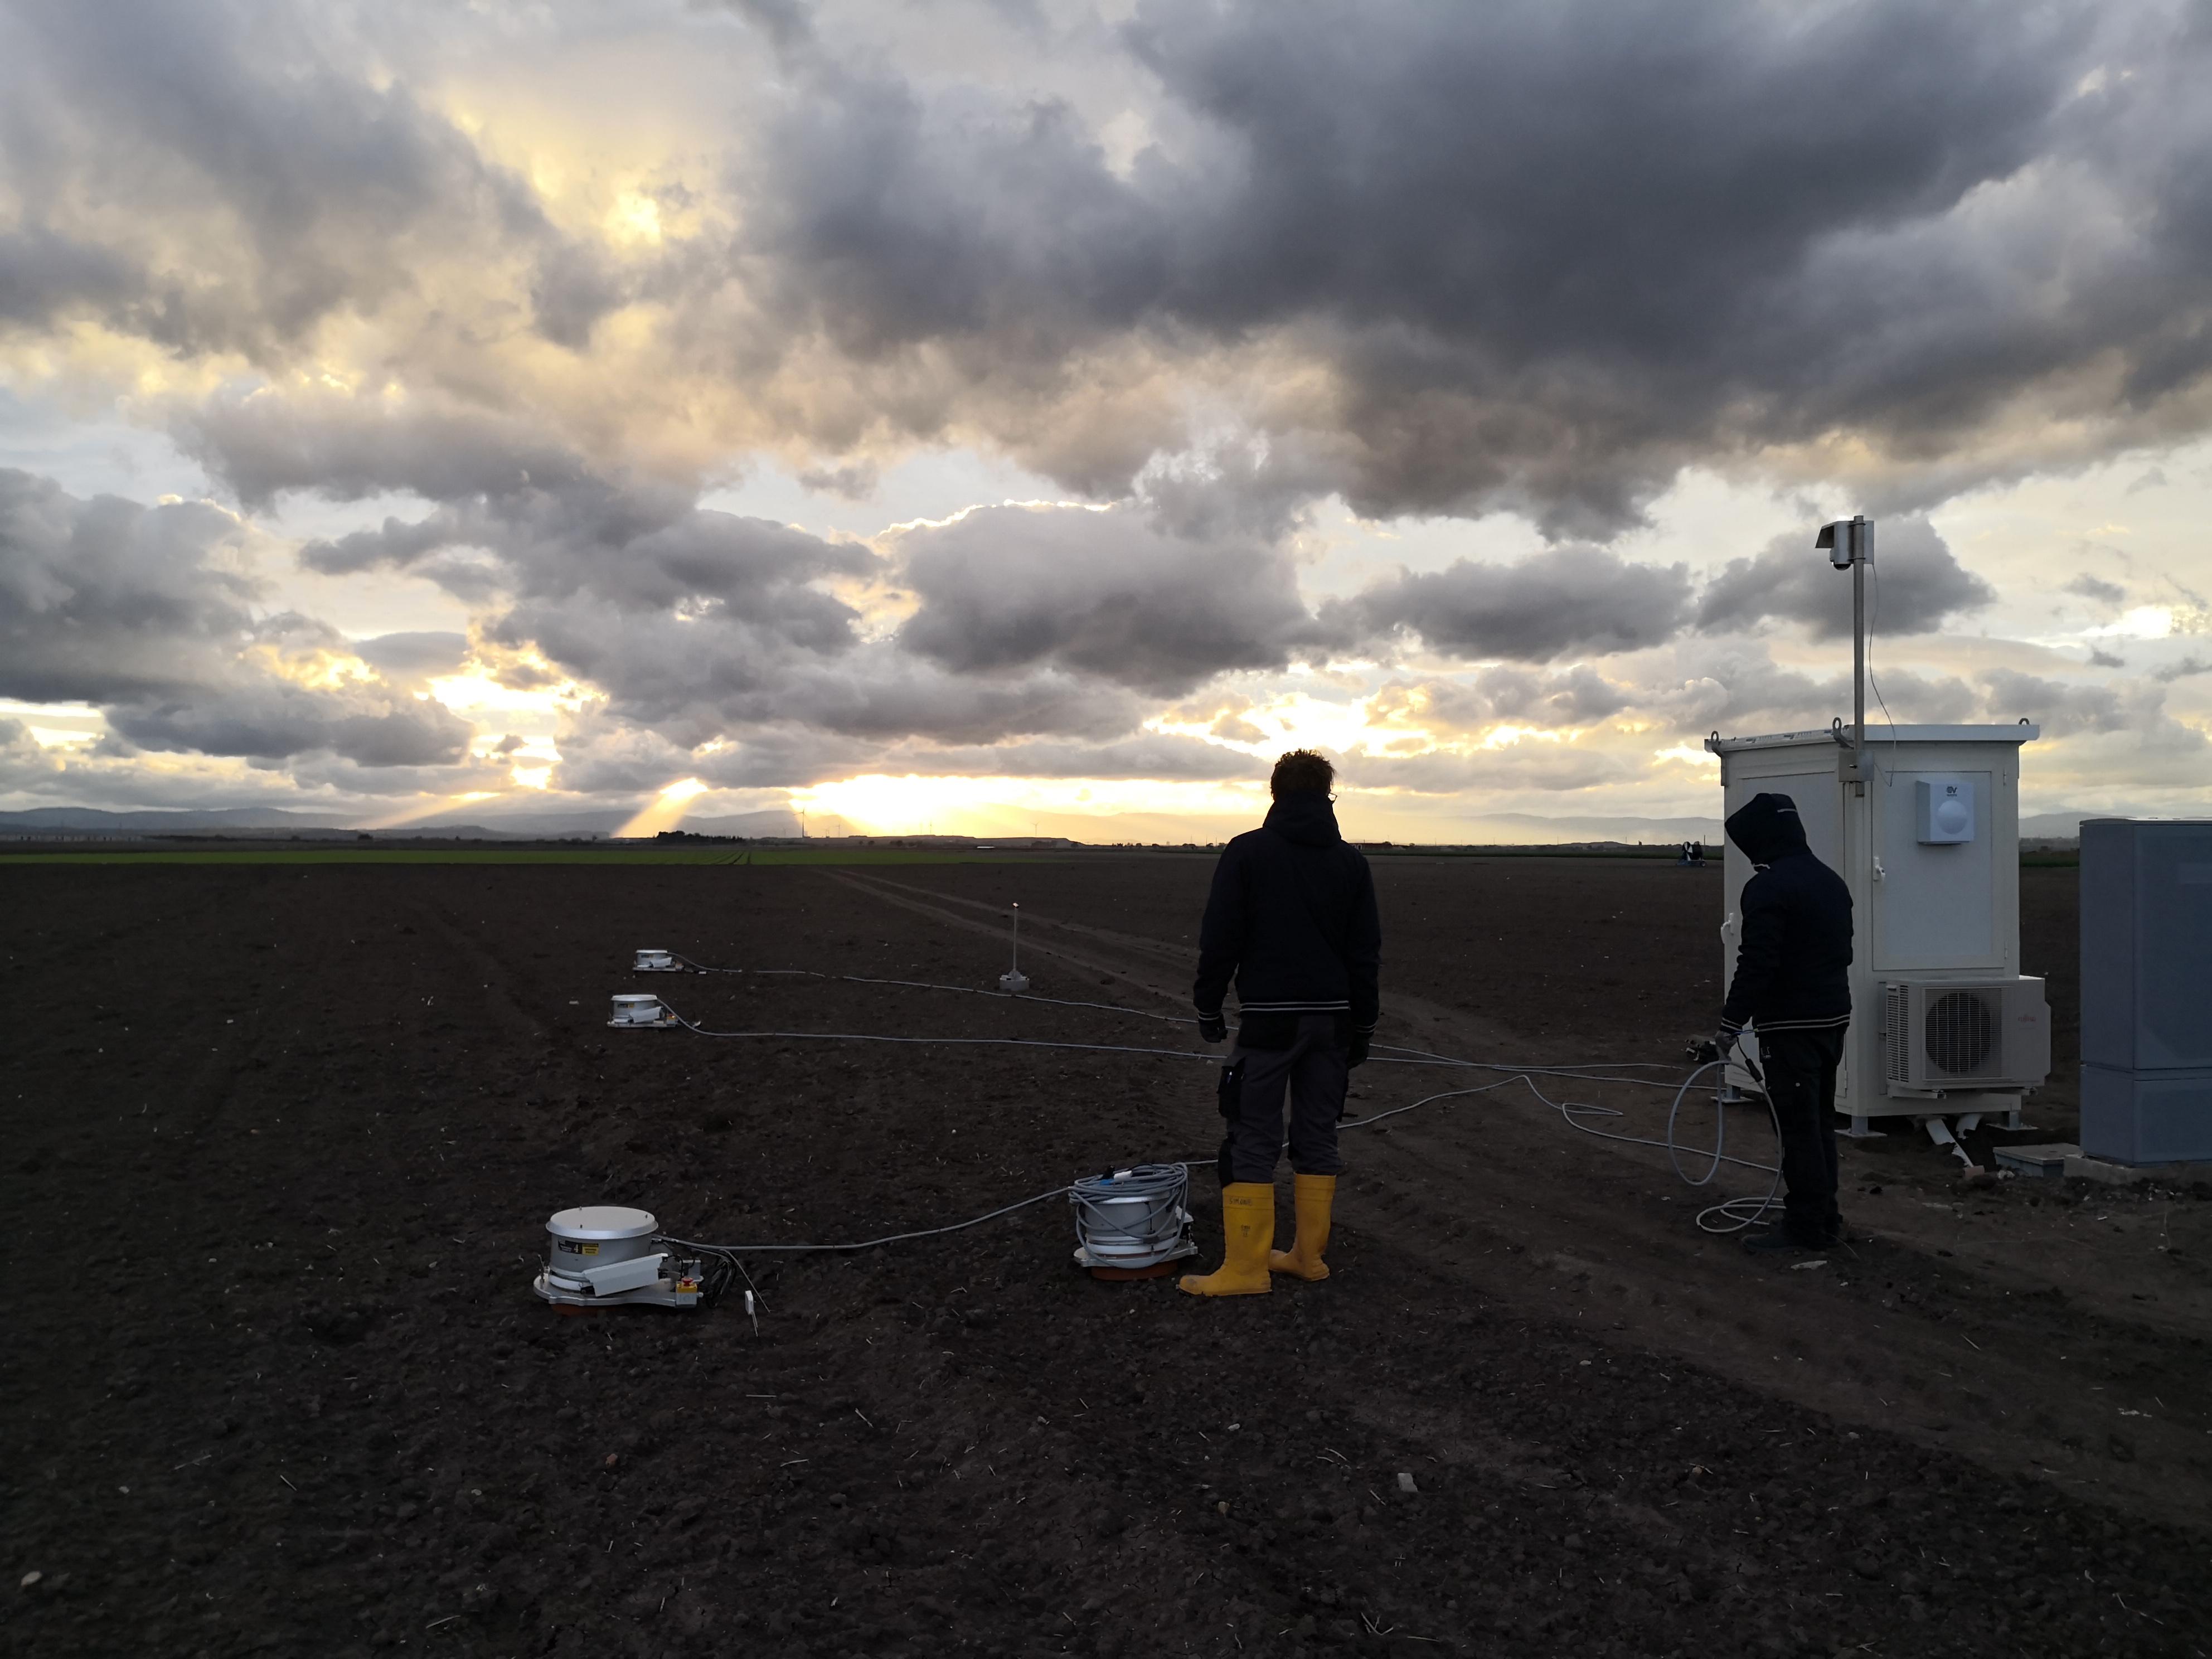 Installazione e collaudo del prototipo per la misurazione dei GHG nel sito dimostrativo di Foggia a novembre 2019